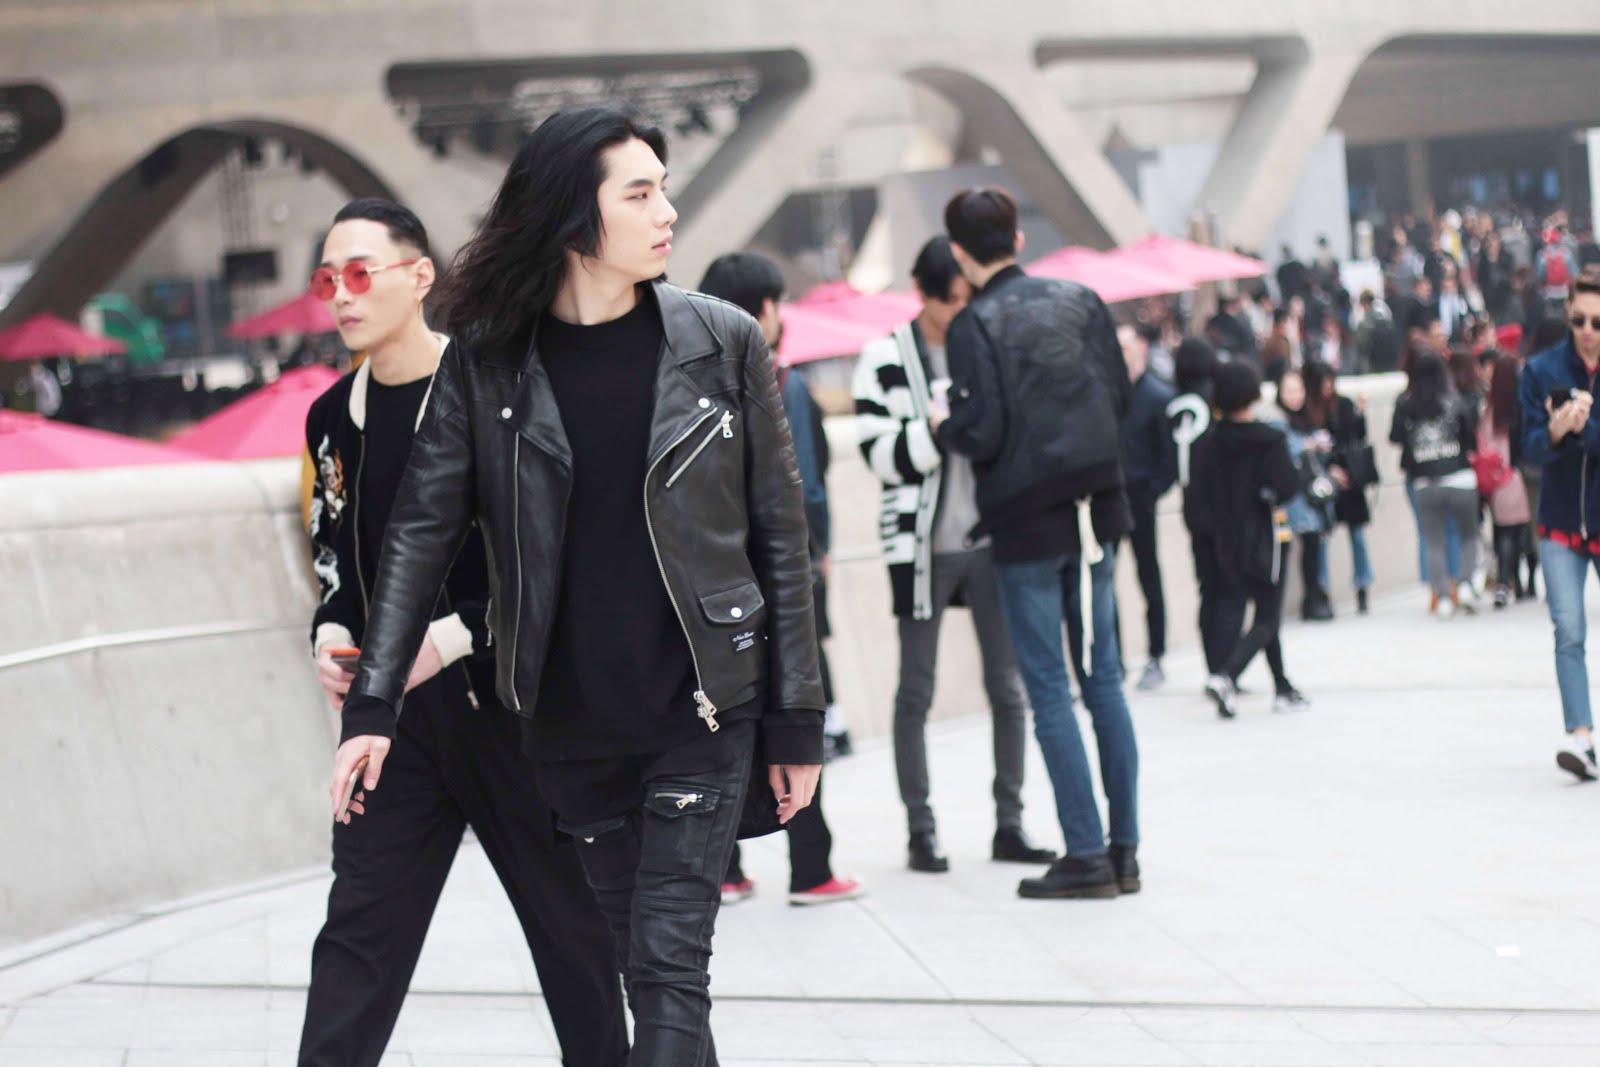 헤라세울패션위크 스트릿스타일 hera seoul fashion week street style fw17